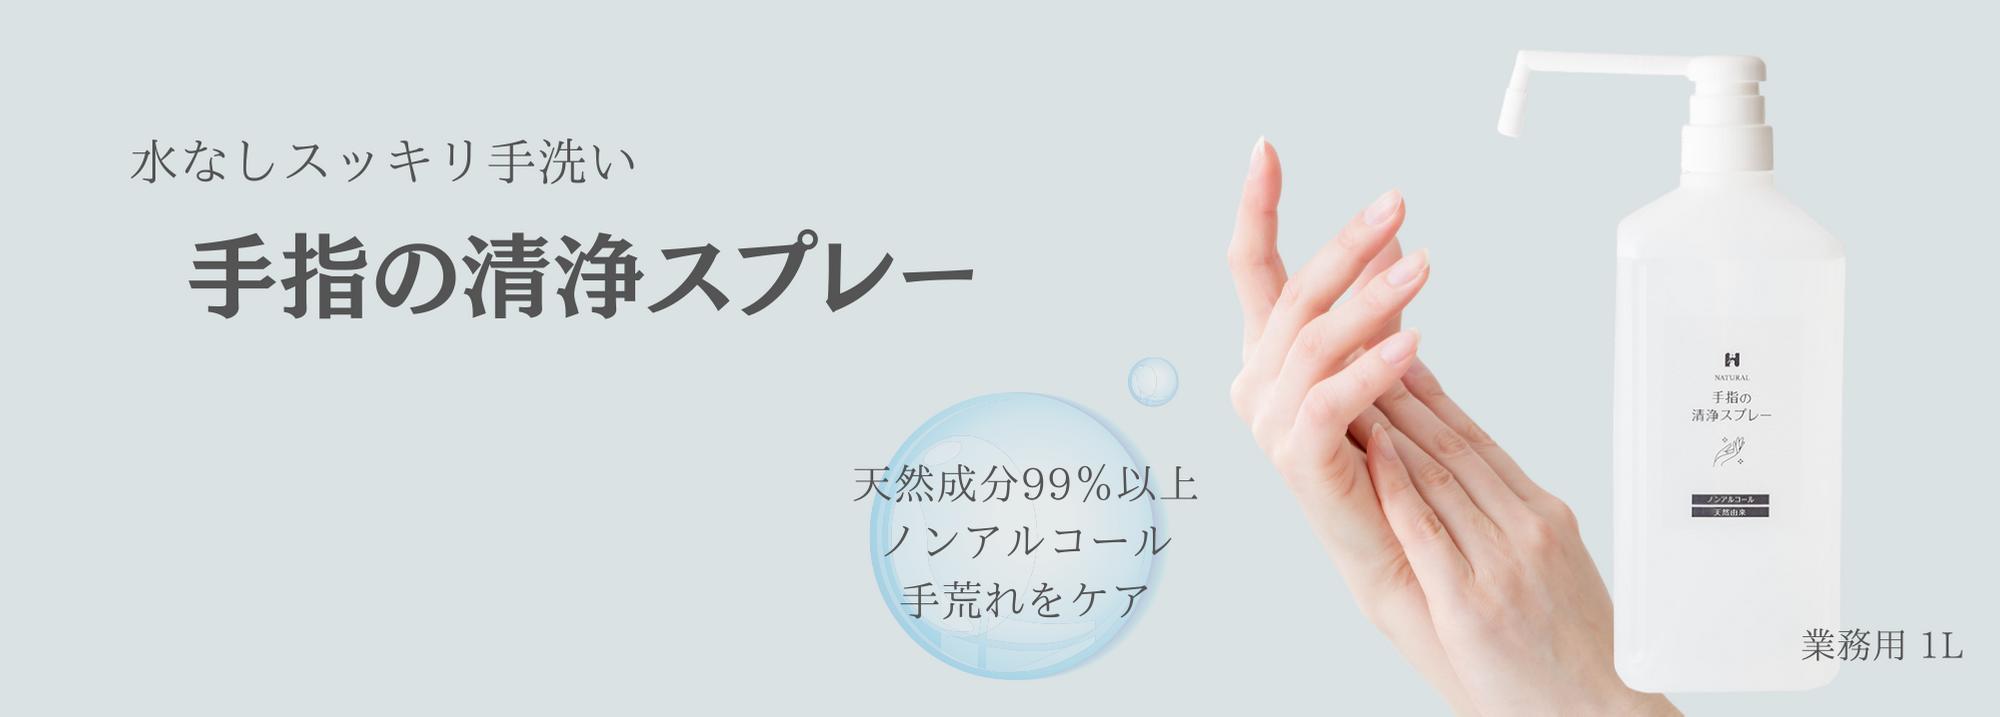 手指を衛生的に保つ、手指の清浄スプレー「手指の清浄スプレー」